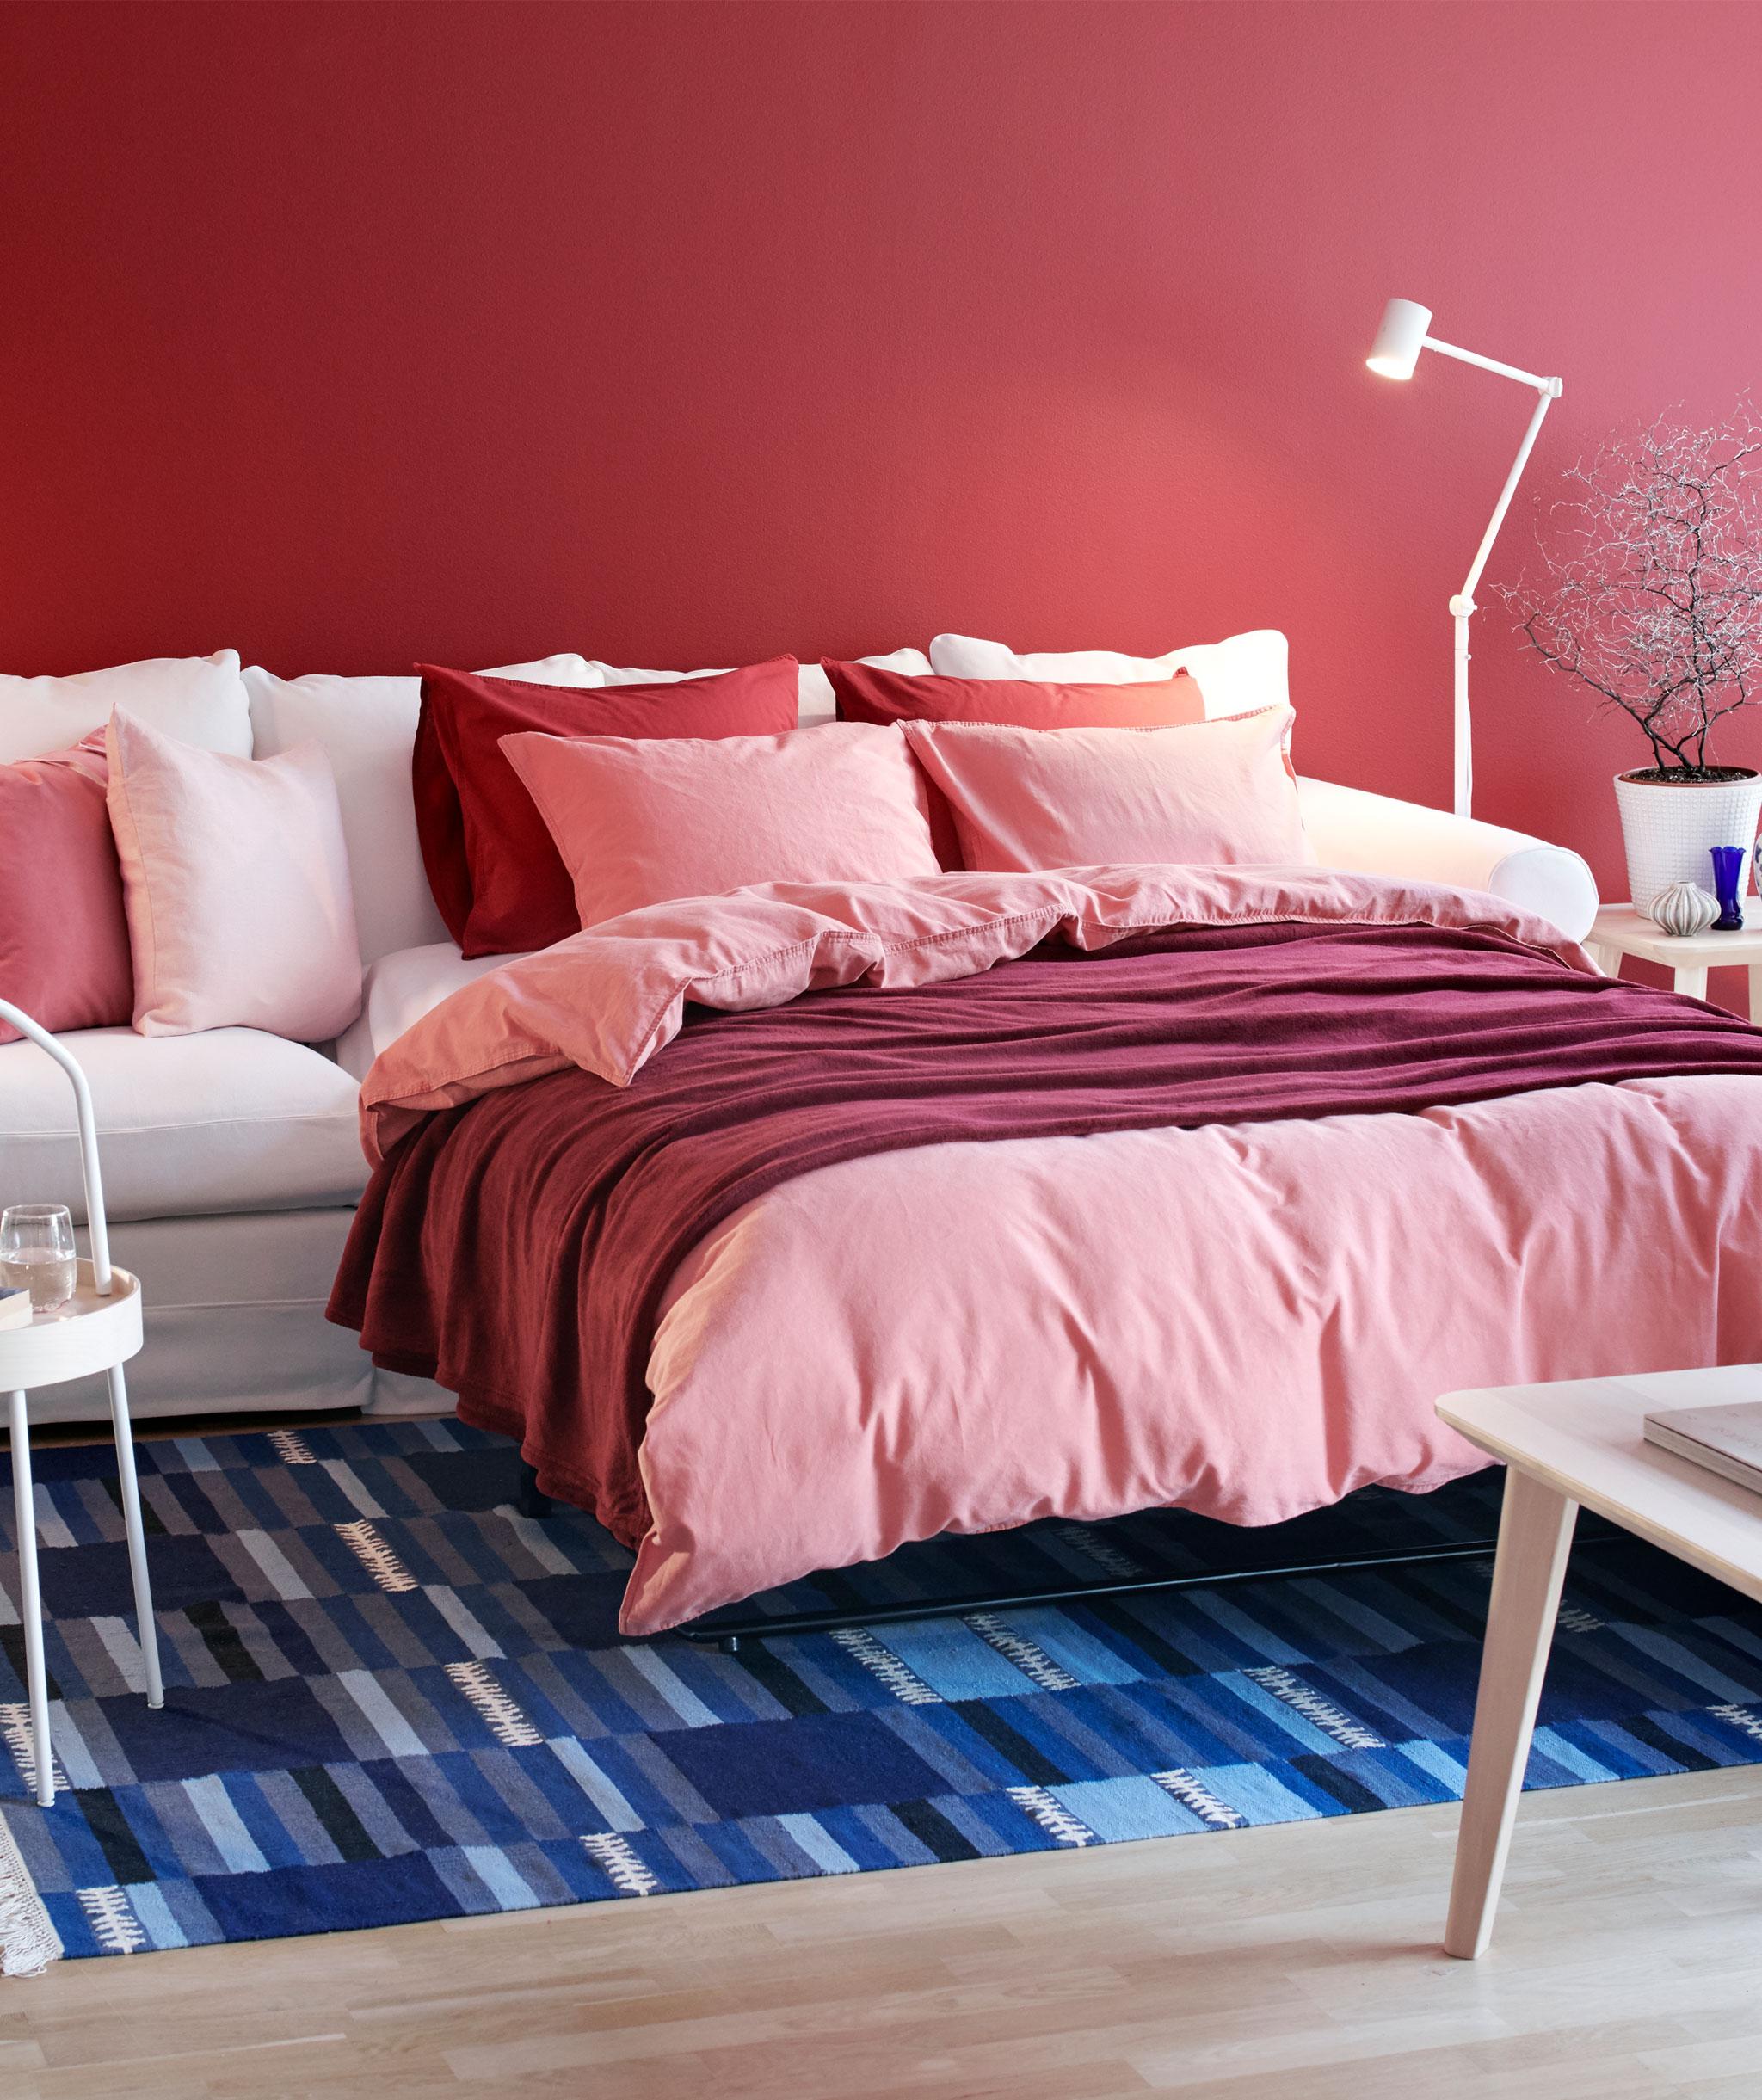 Ruang tamu dengan sofa GRÖNLID diperluas untuk membentuk tempat tidur ganda, dibuat rapi dengan banyak tekstil dan bantal tempat tidur empuk.